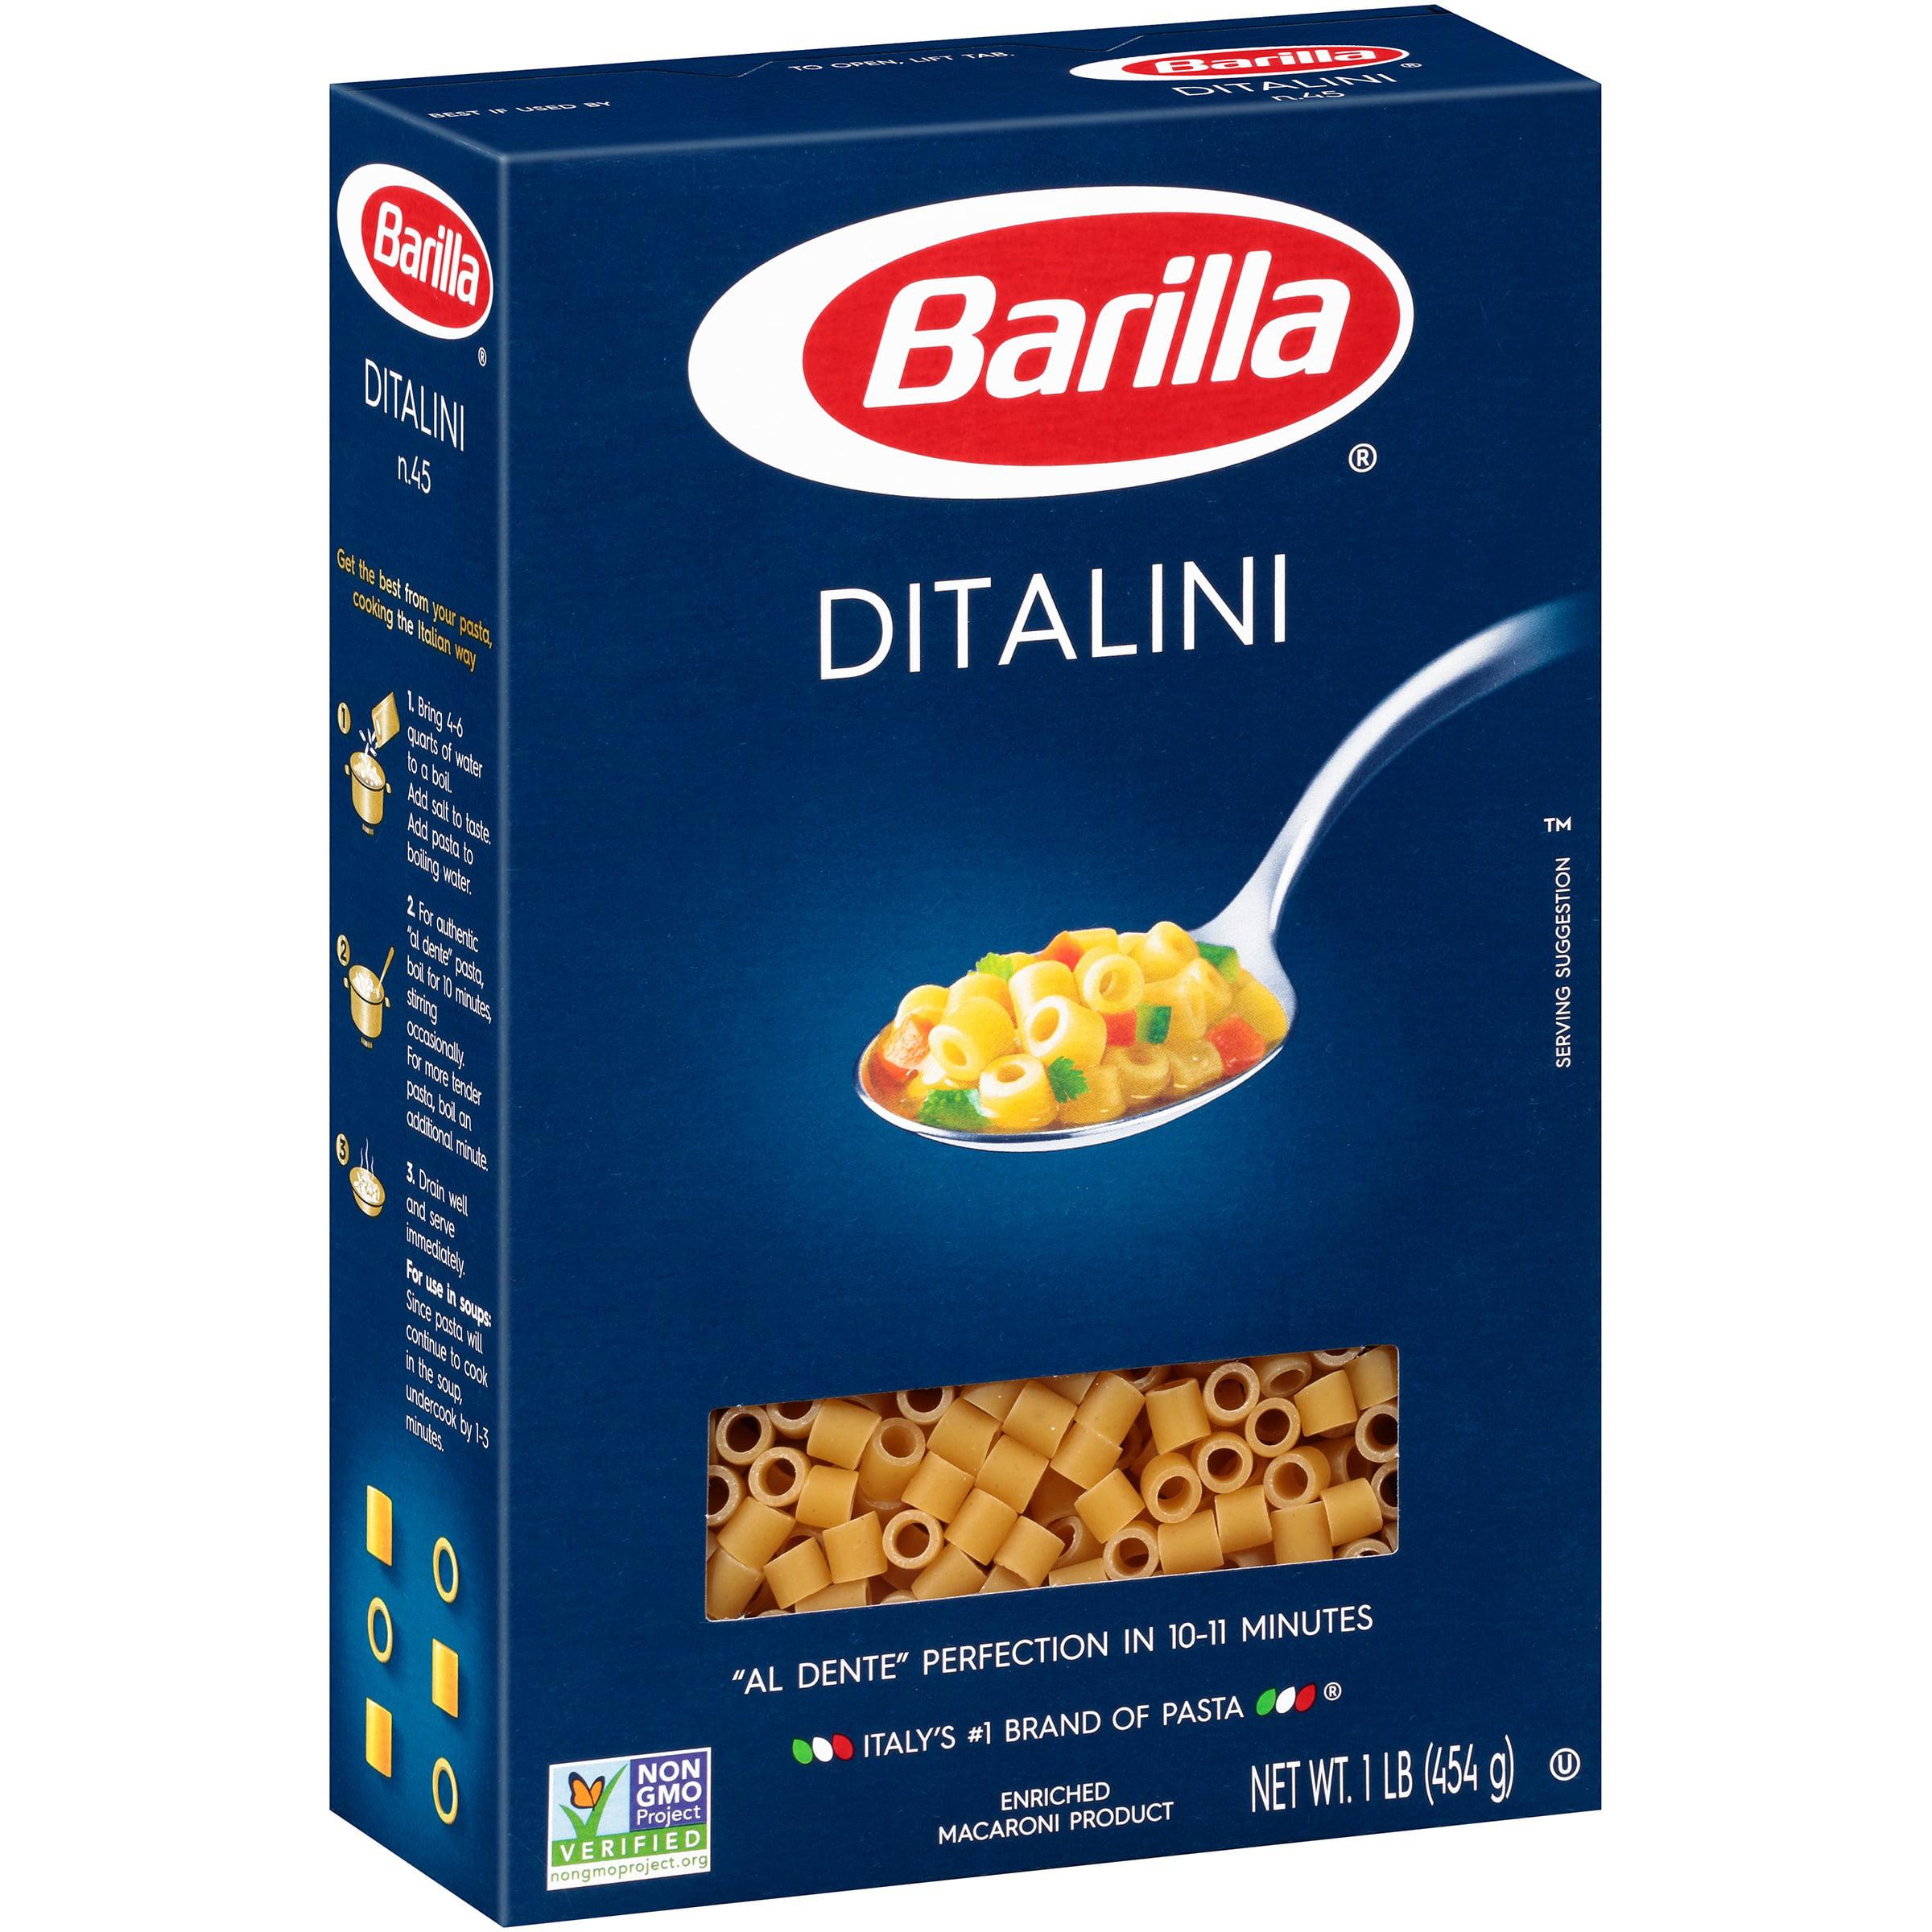 Barilla Ditalini Pasta 1 lb. Box by Barilla America, Inc.